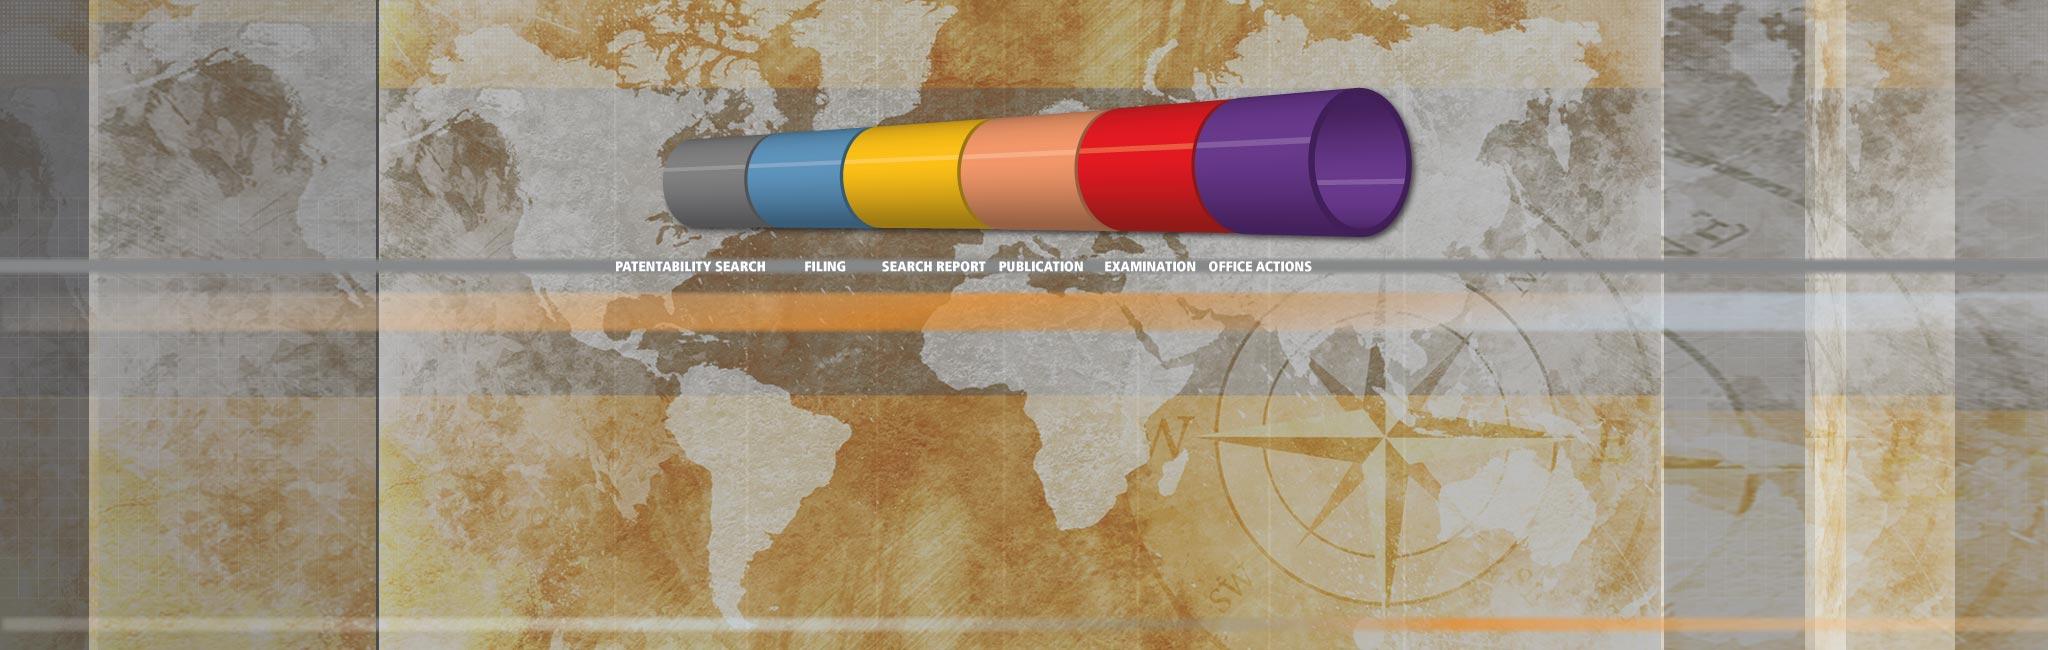 Déroulement du PCT - brevet international